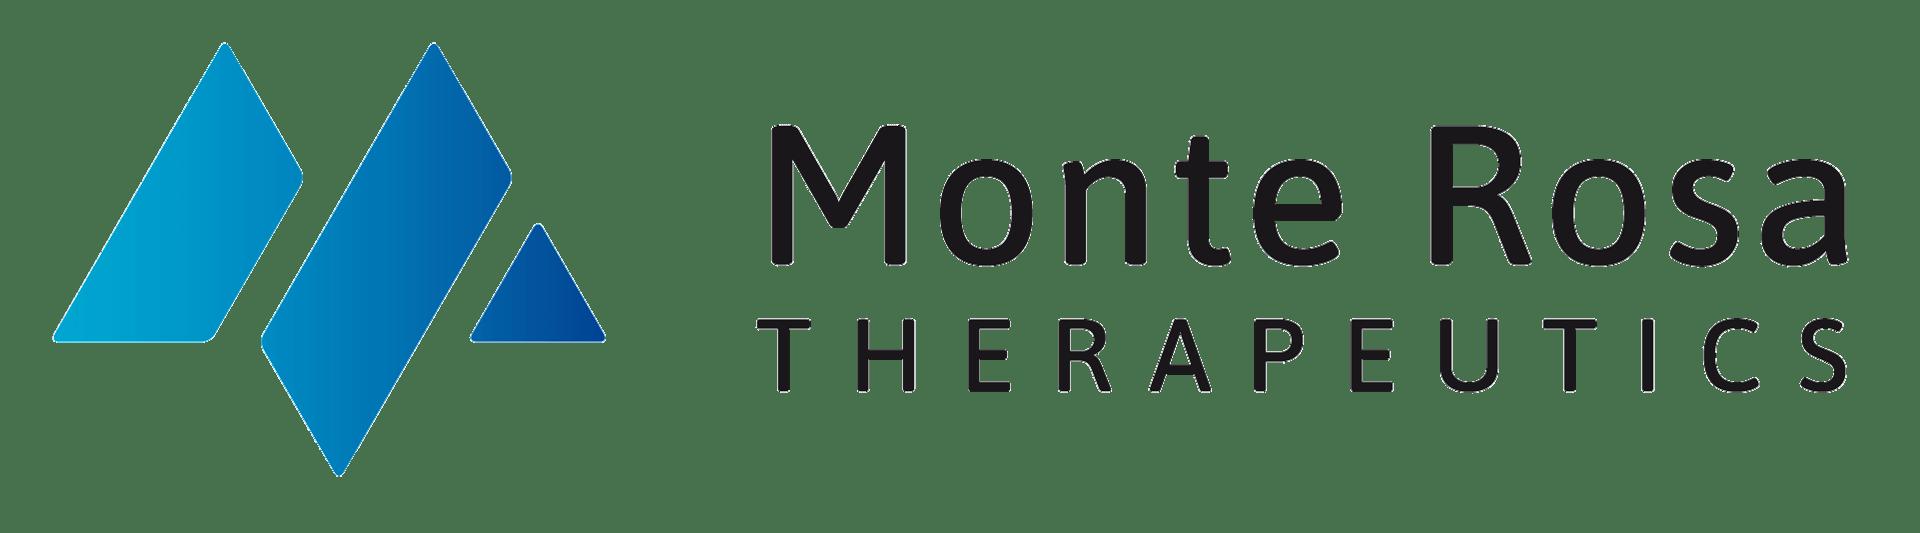 Monte Rosa Therapeutics icon